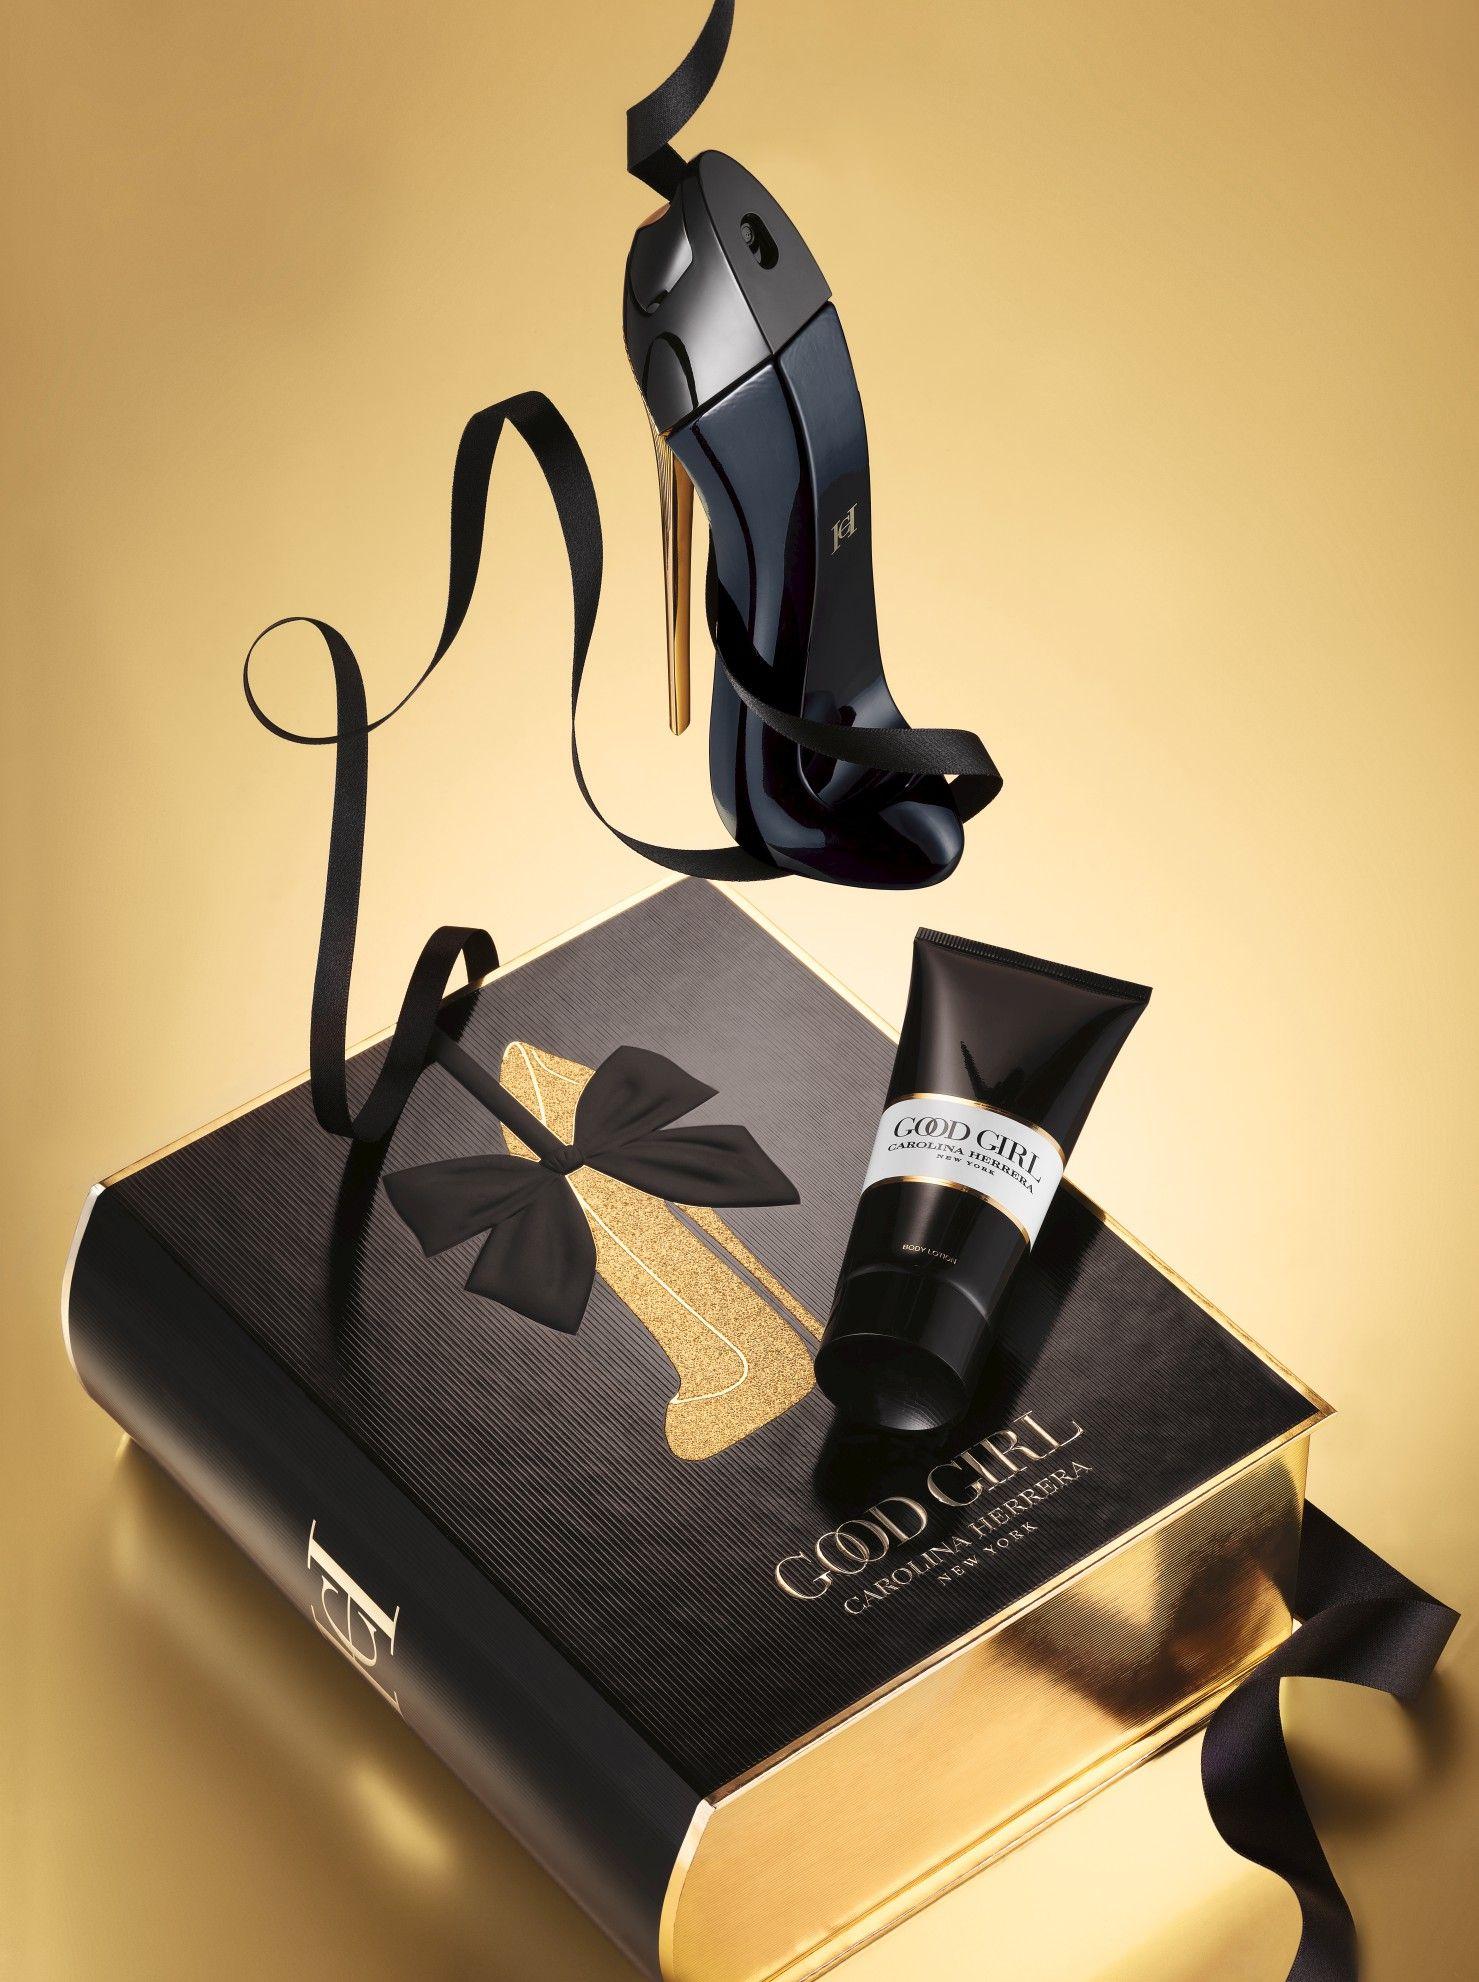 Carolina Herrera Good Girl Eau De Parfum Gift Set Jewelry